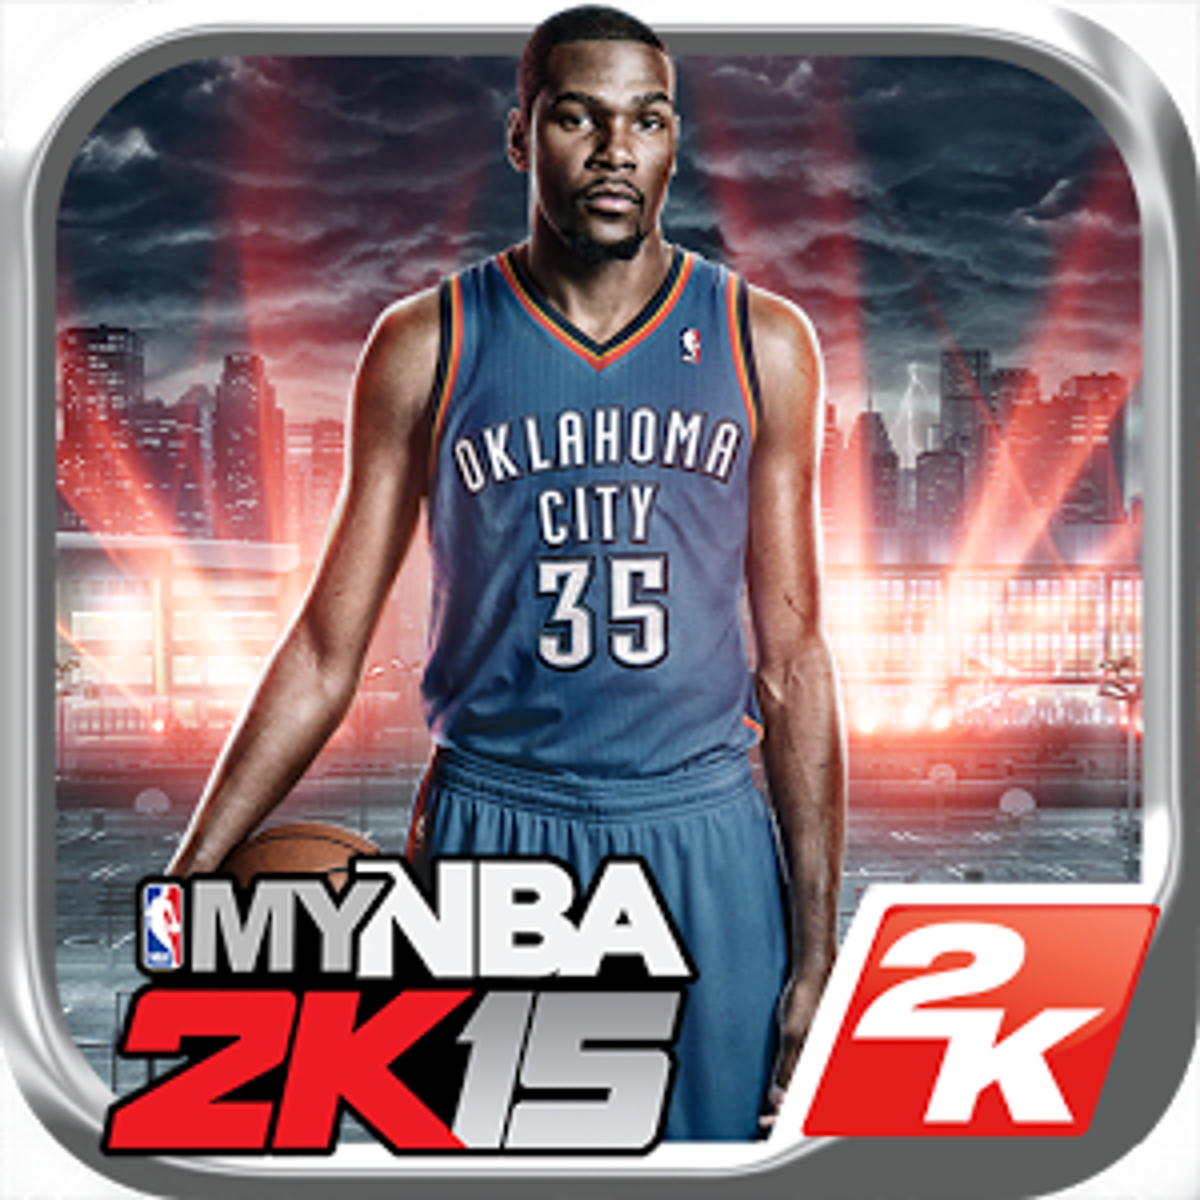 My NBA 2K15